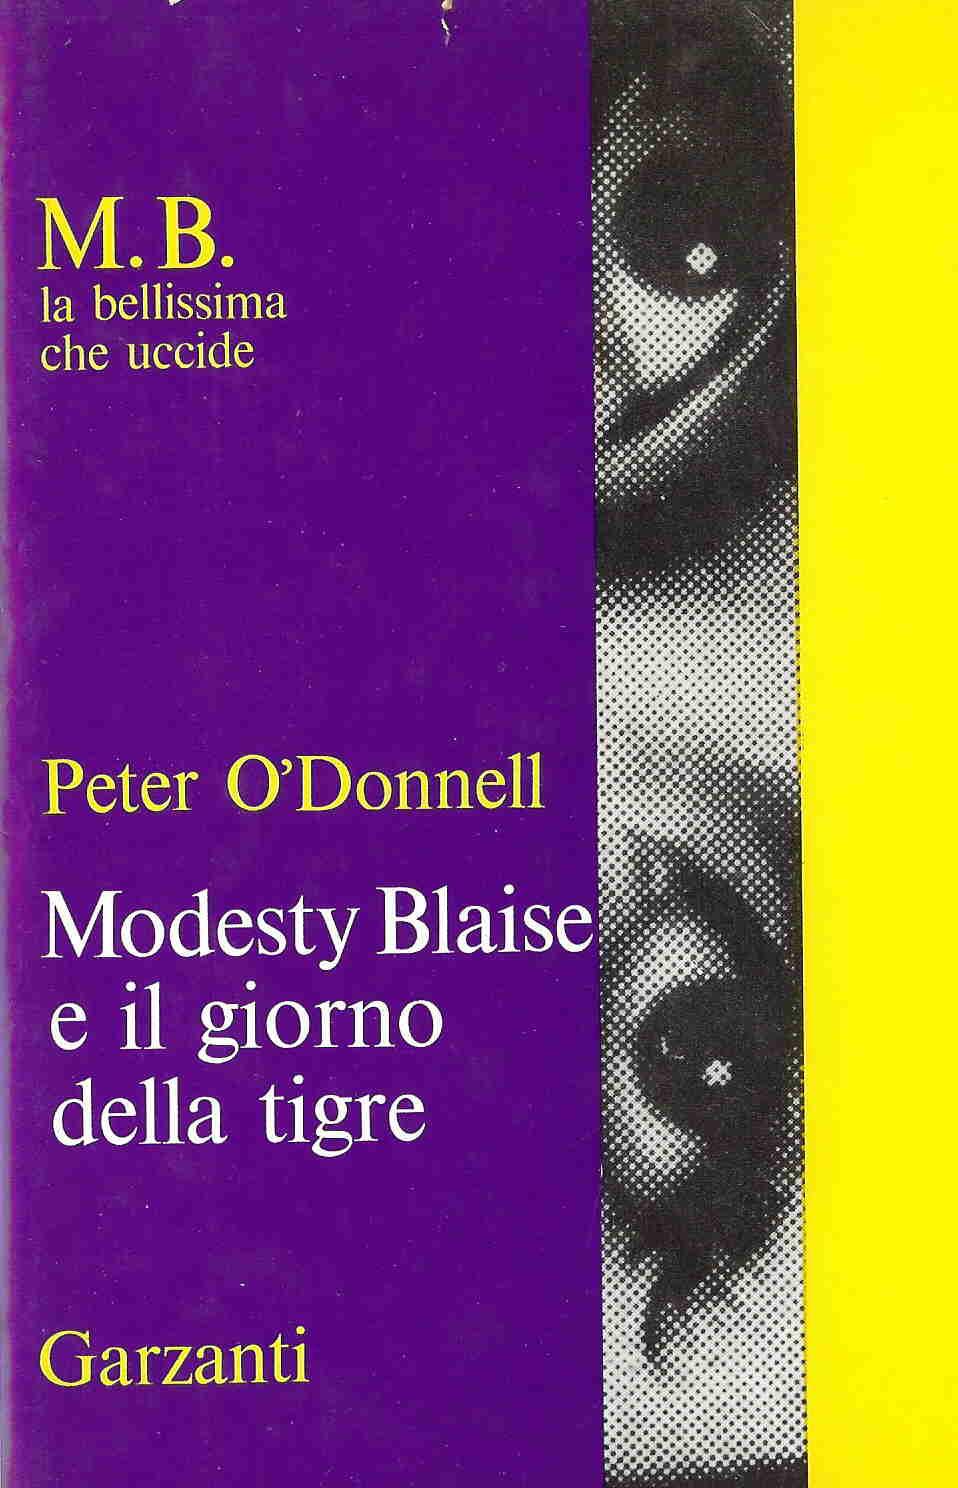 Modesty Blaise e il giorno della tigre